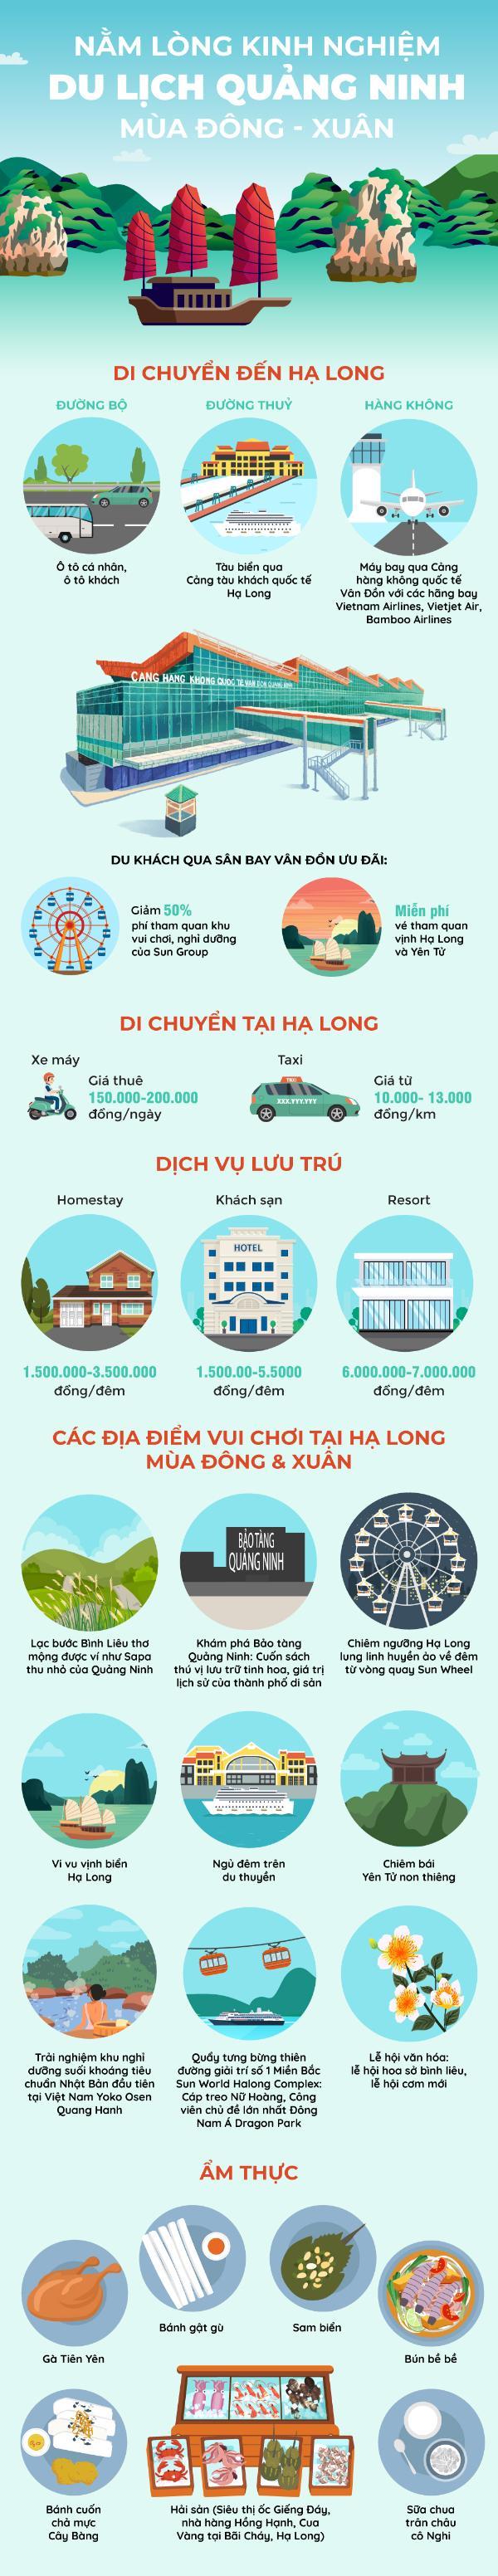 Vì sao Quảng Ninh trở thành điểm đến hot nhất mùa đông? Ảnh 1